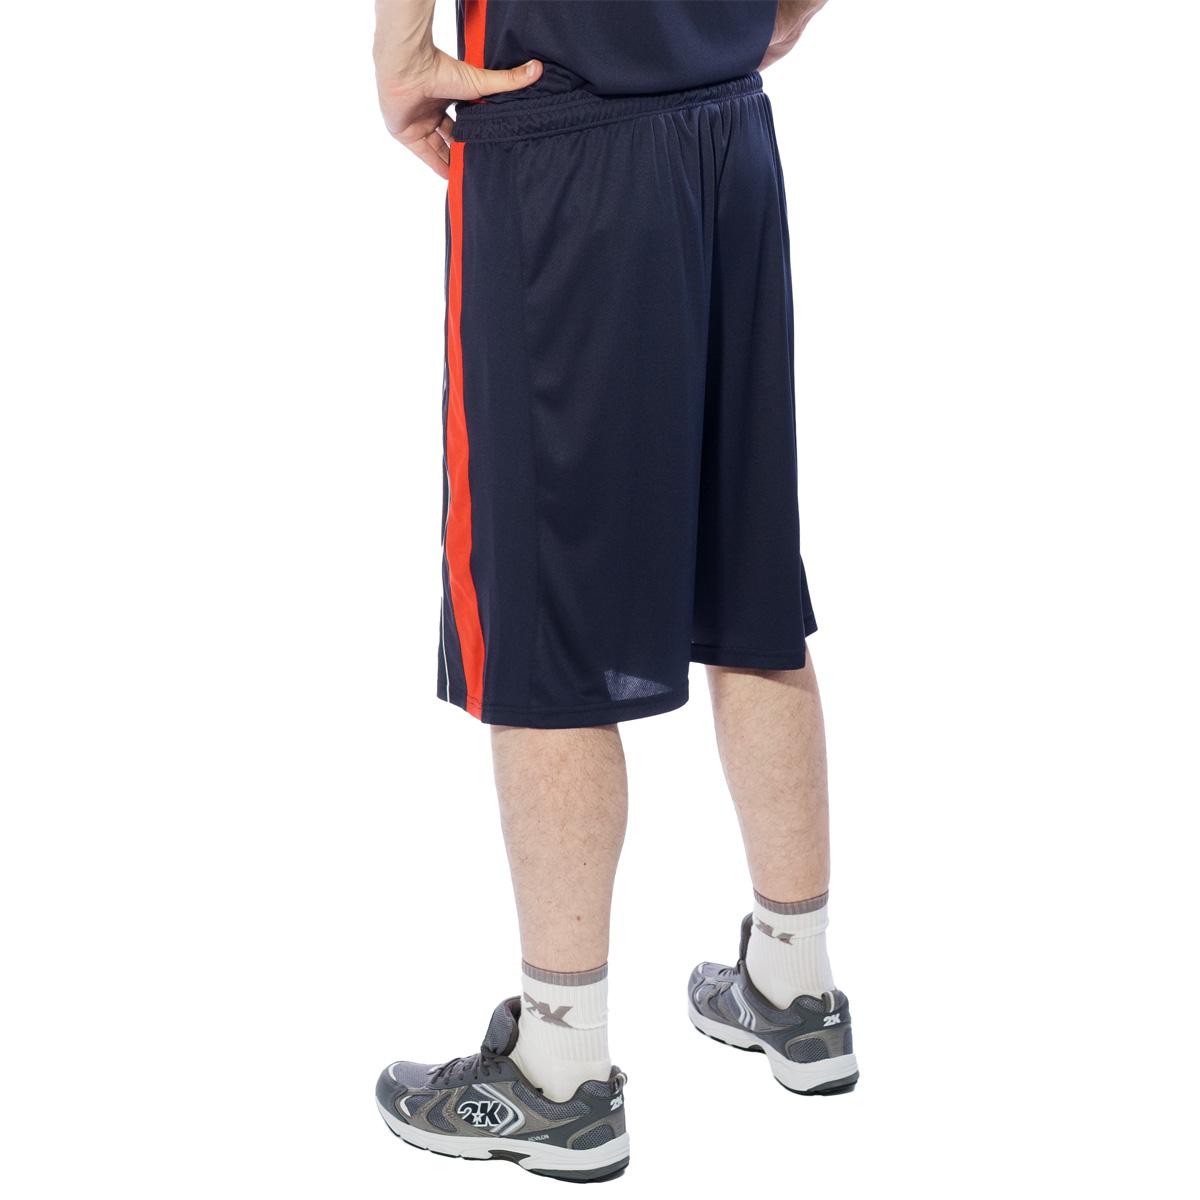 Шорты баскетбольные мужские 2K Sport Advance, цвет:  темно-синий, красный, белый.  130031.  Размер L (50) 2K Sport